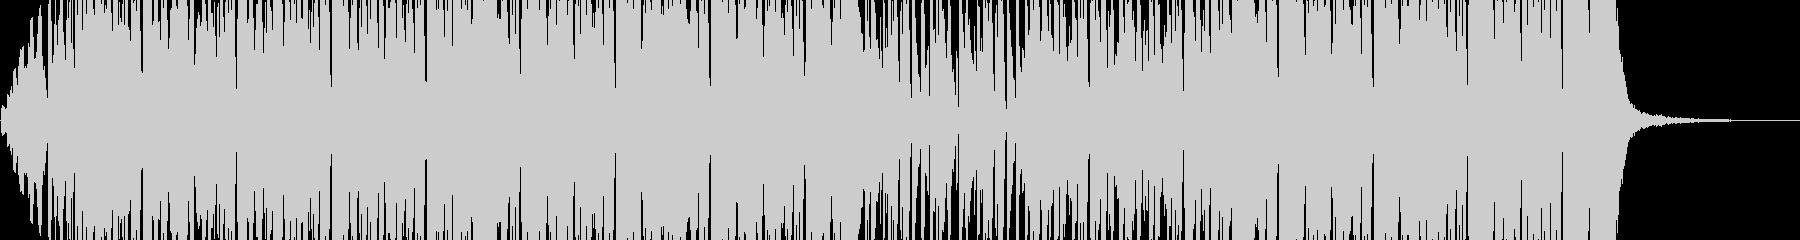 ポップ テクノ トラップ ヒップホ...の未再生の波形